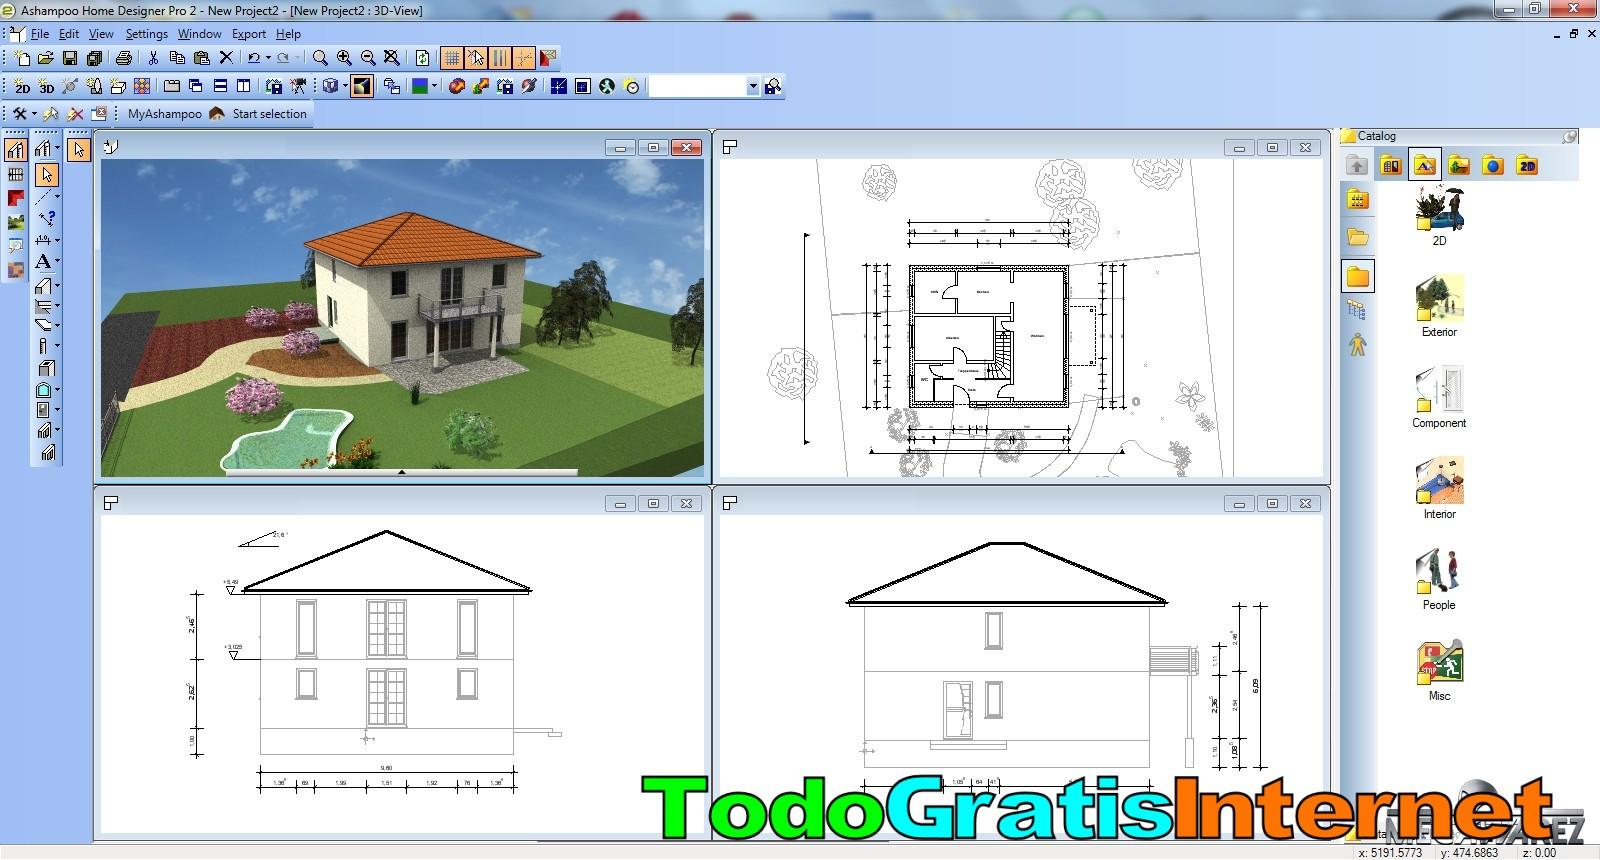 Dise a gratis el interior y exterior de tu casa con home designer pro 2 - Home designer pro ...